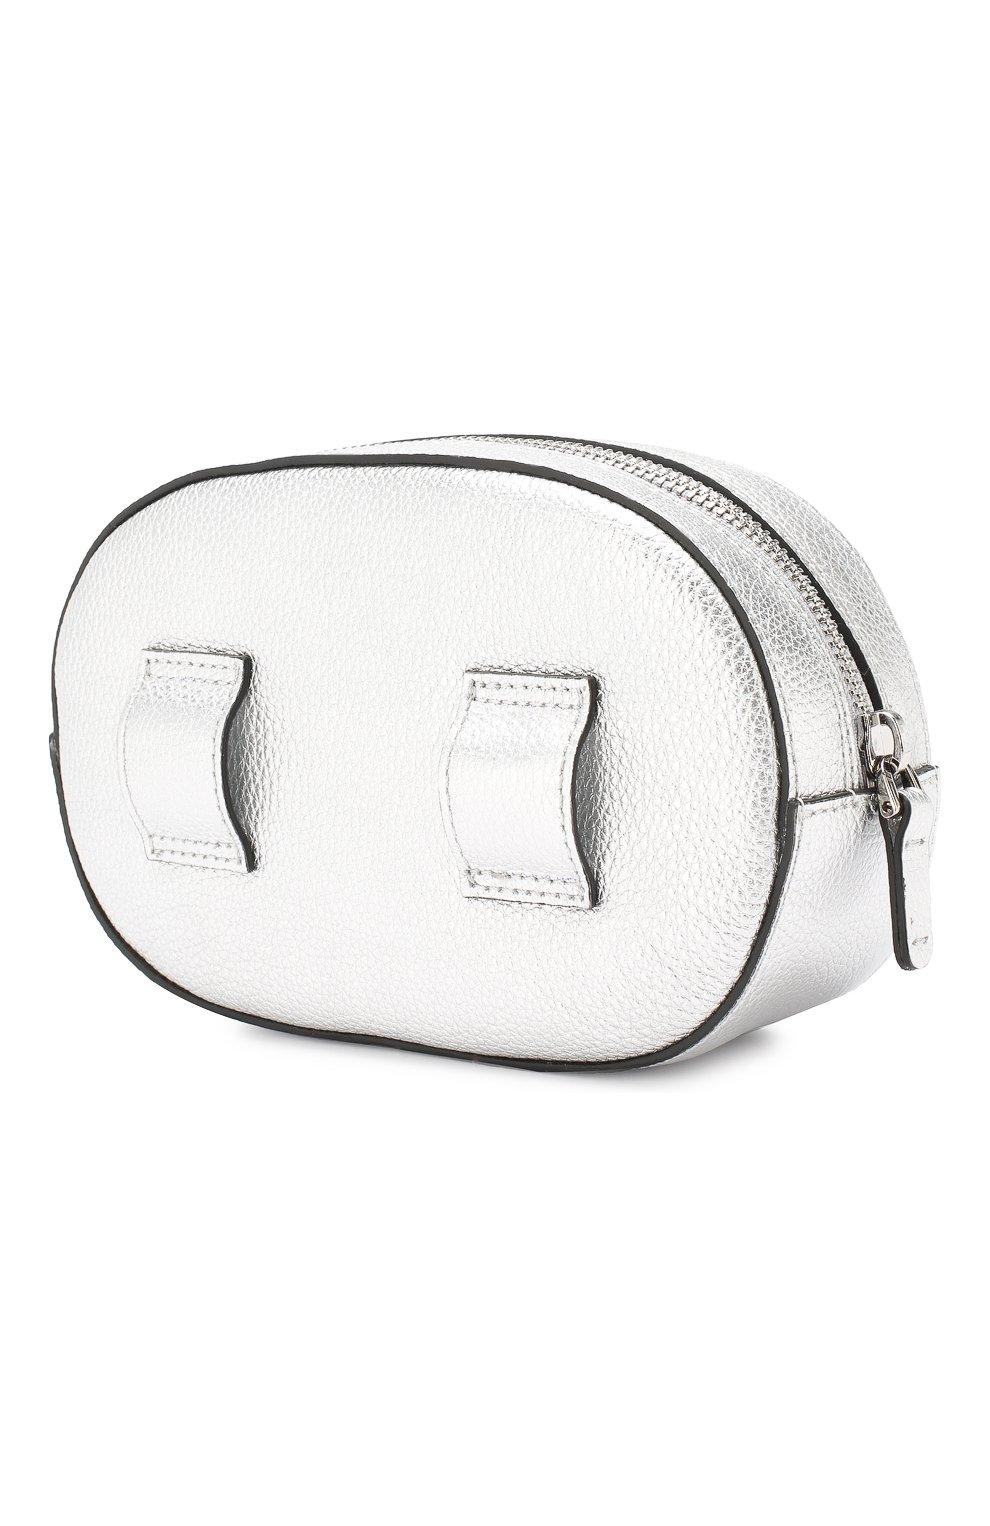 Поясная сумка Insouciante | Фото №3